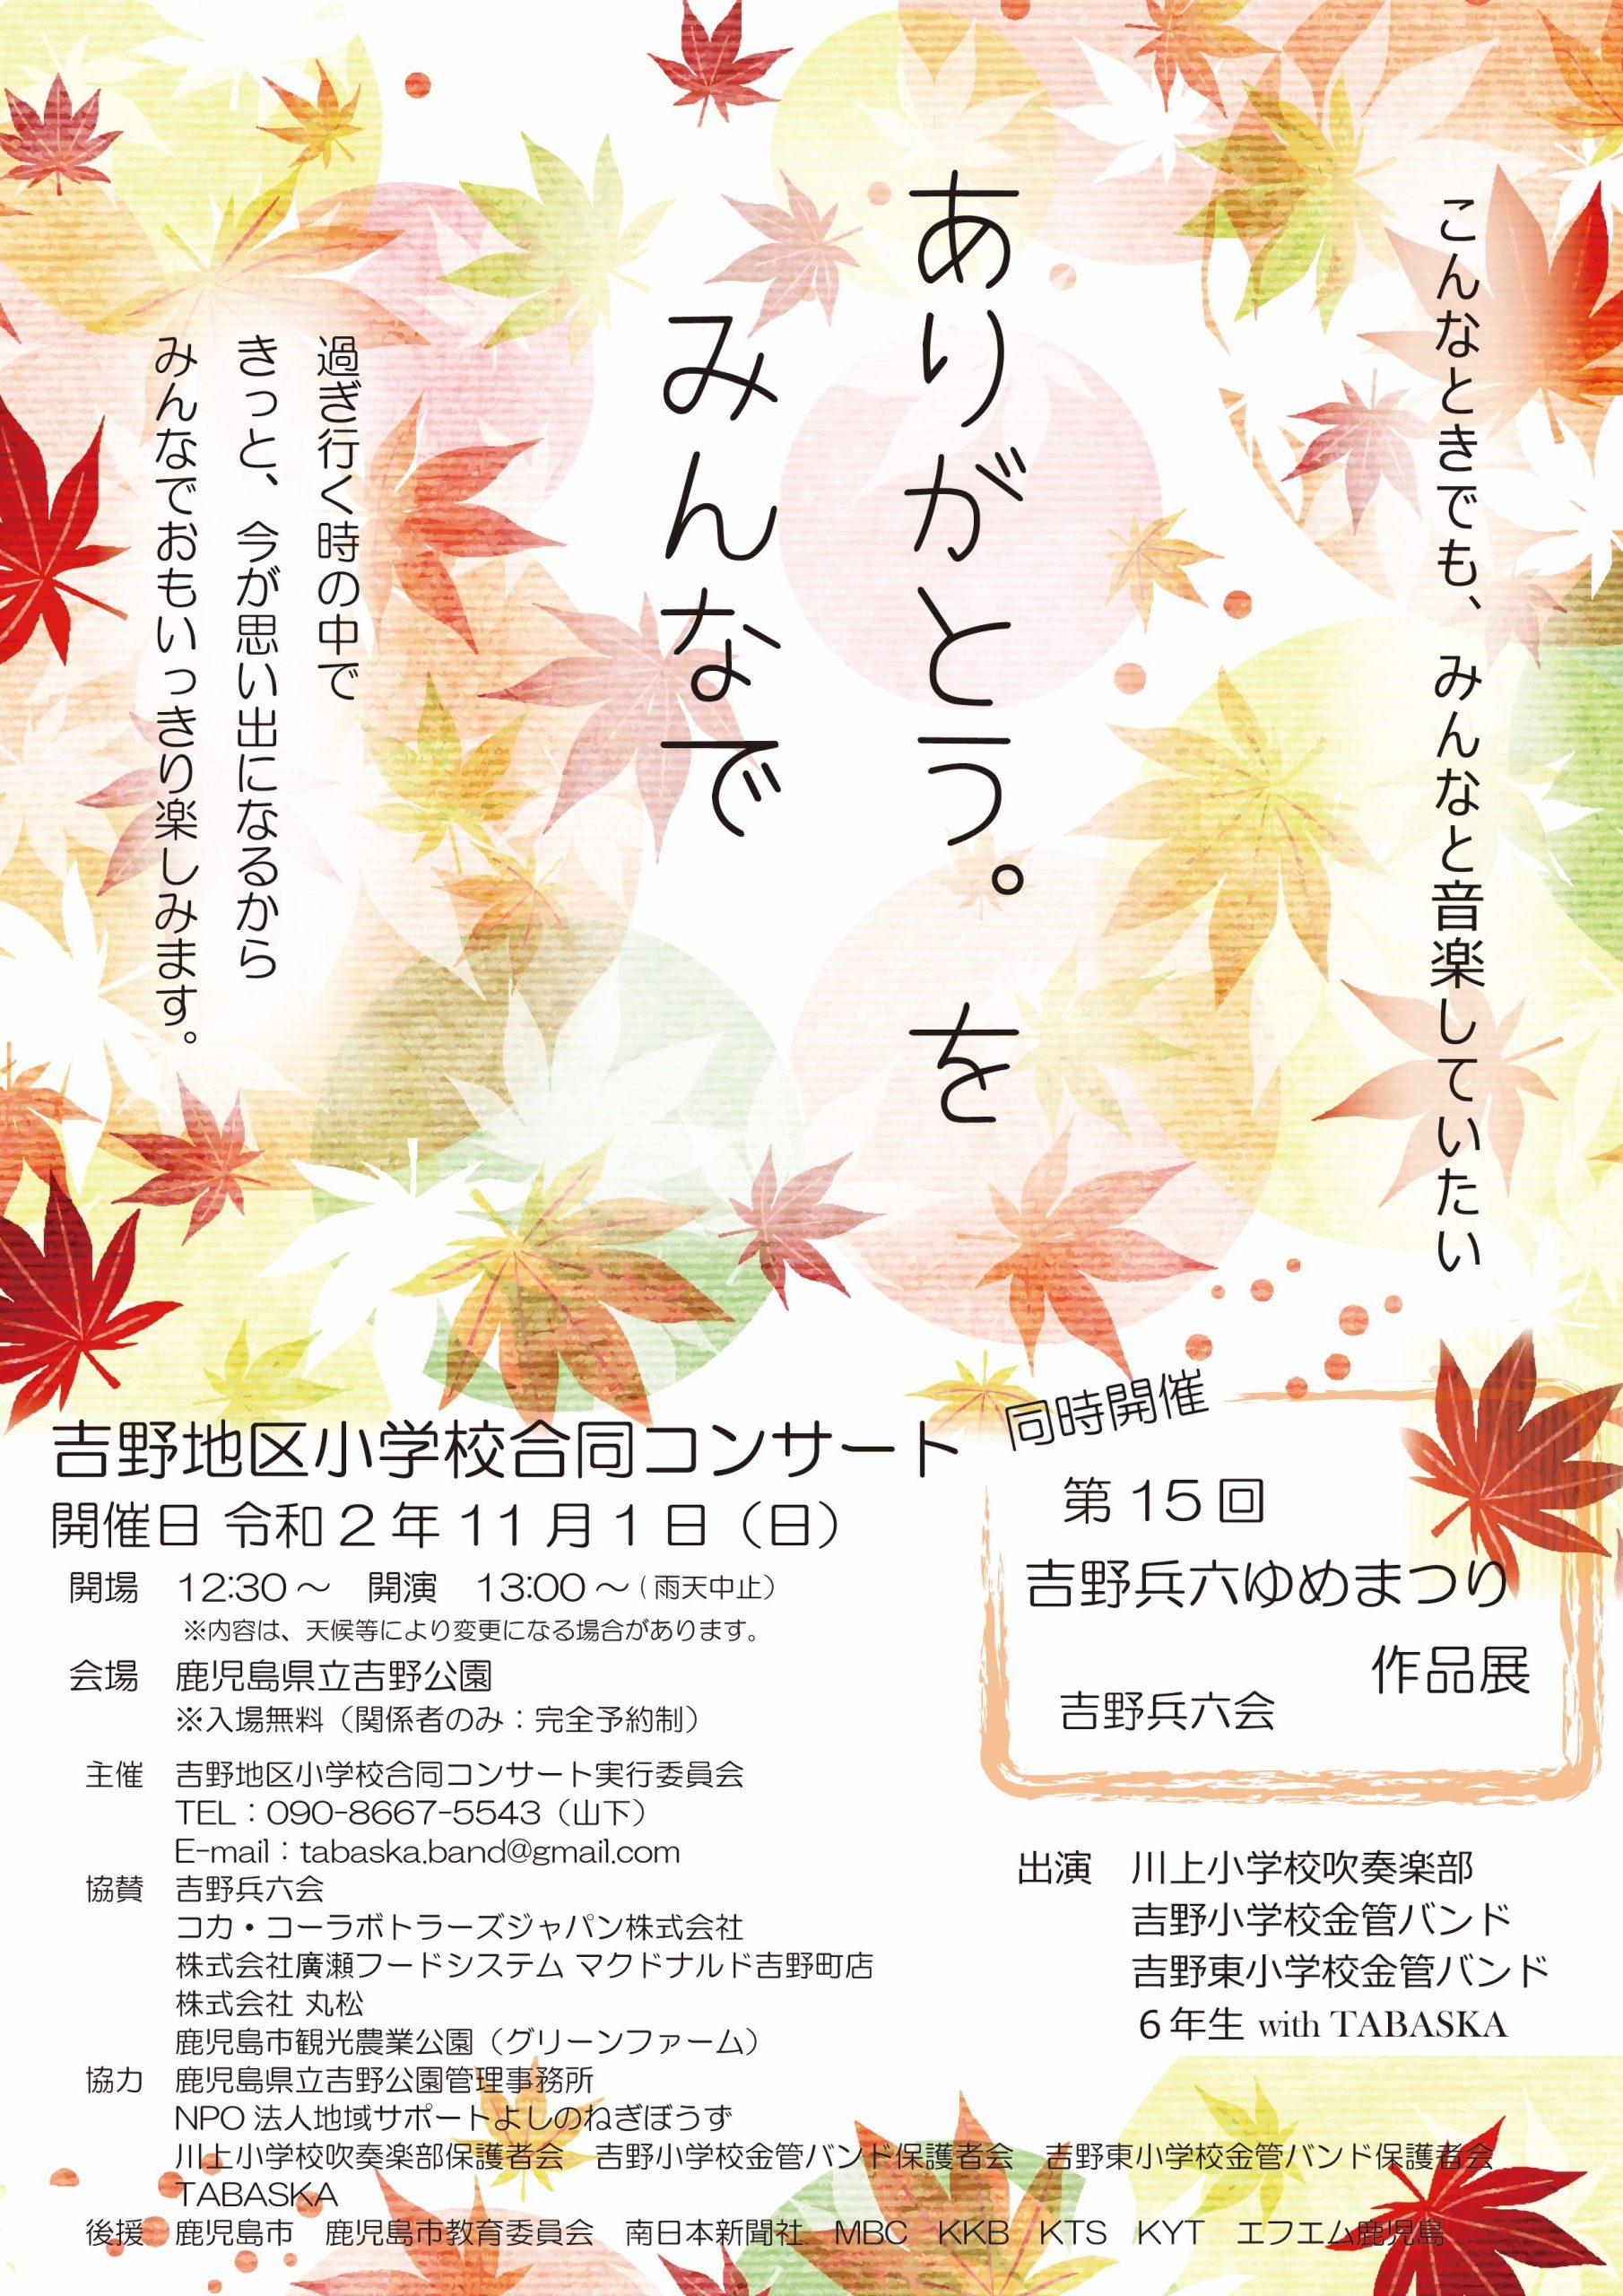 吉野地区小学校合同コンサート